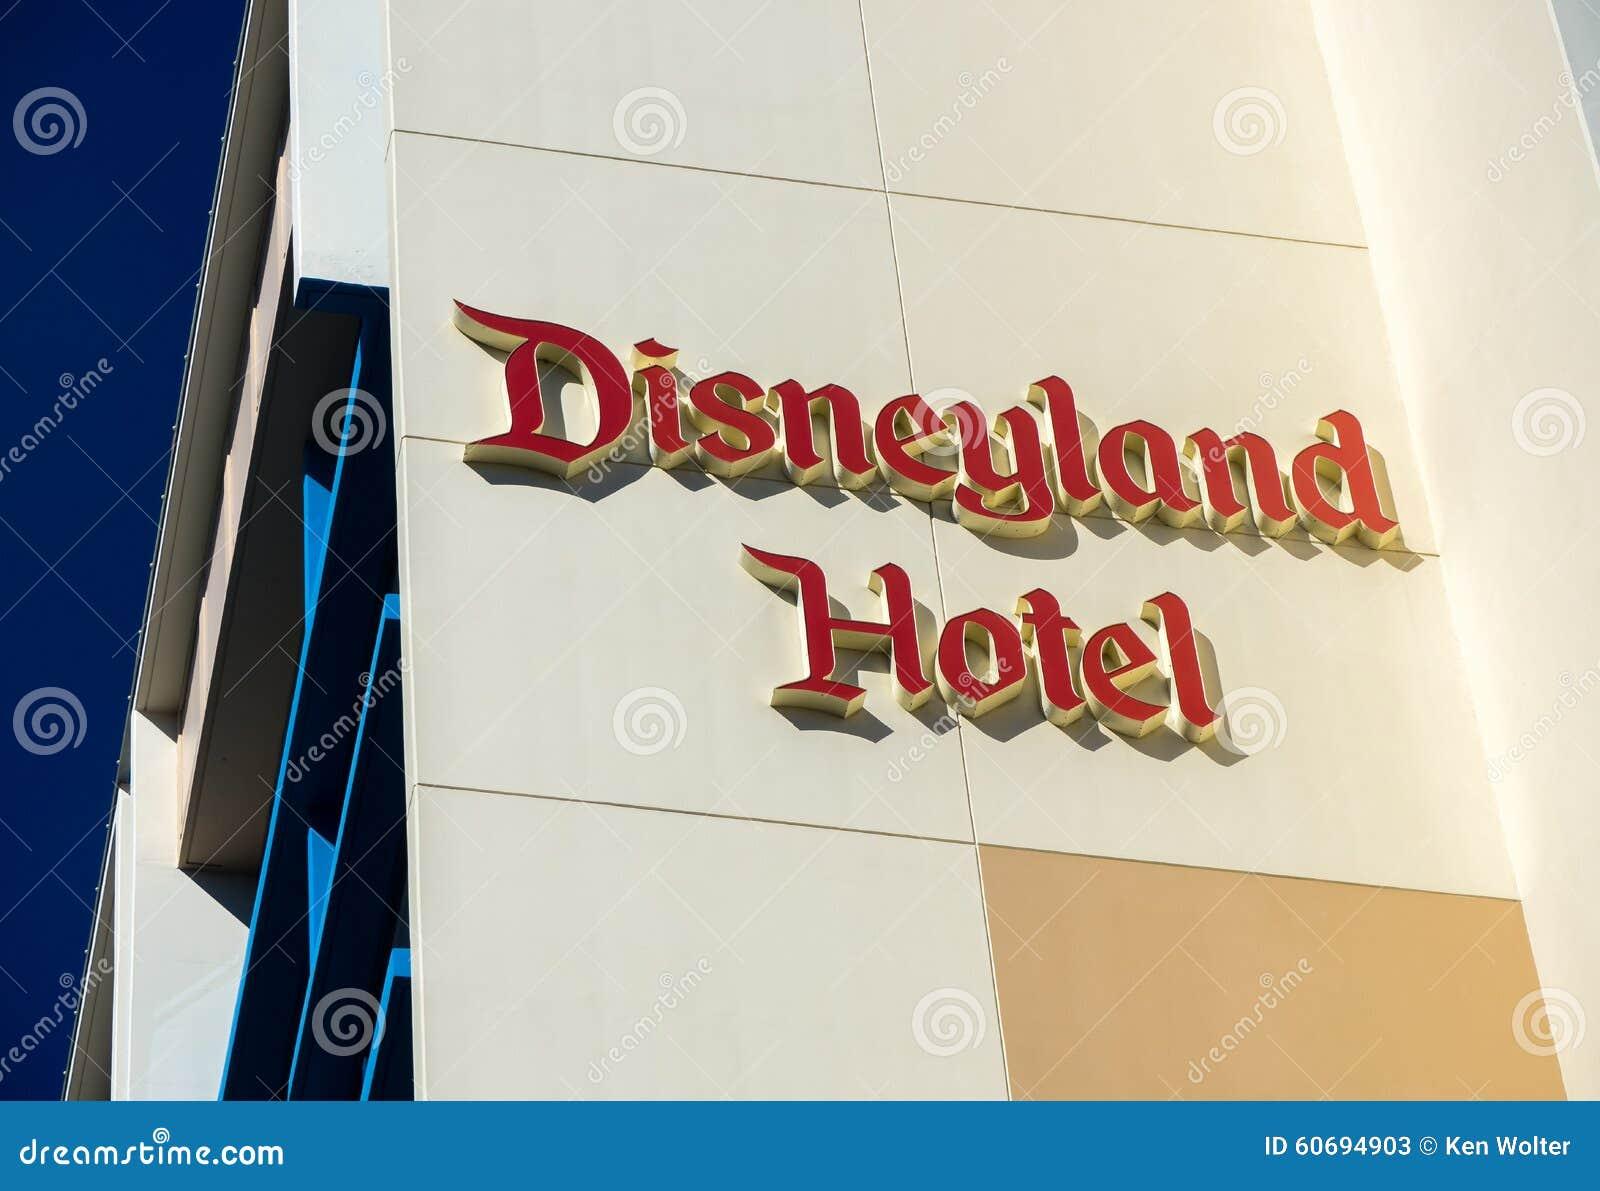 Disneyland Hotelbuitenkant